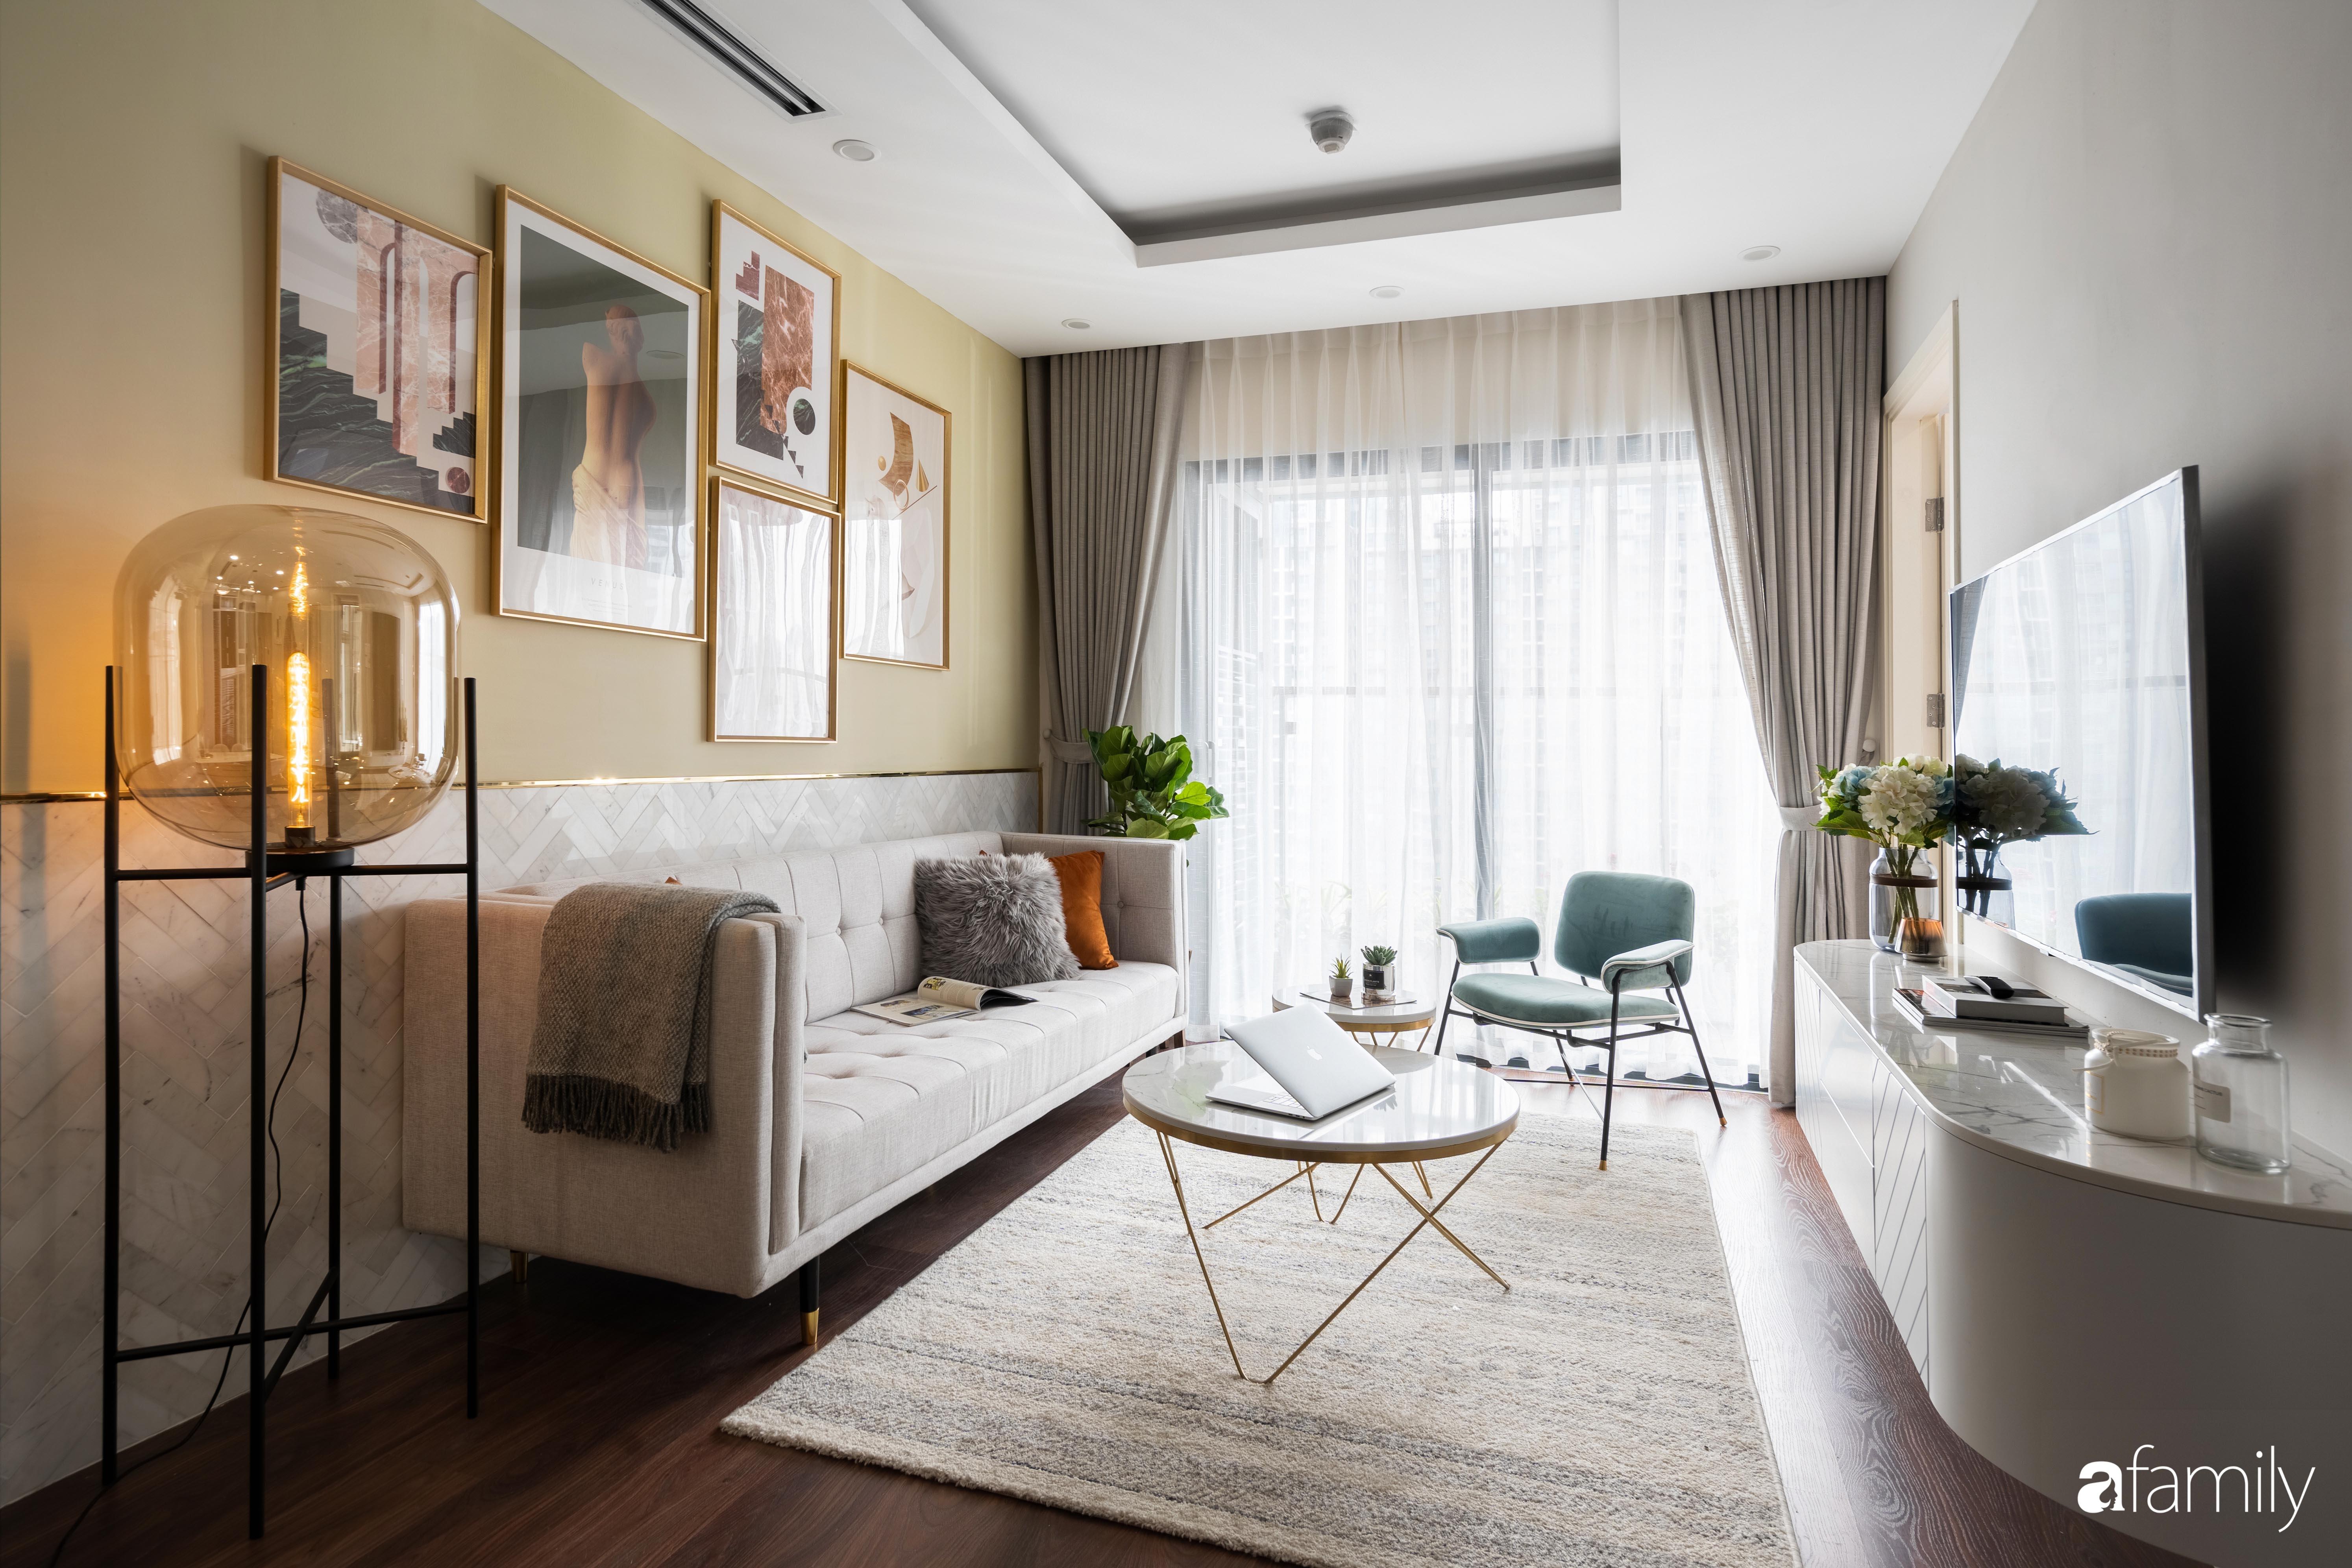 Căn hộ 63m² ngập tràn màu nắng với chi phí hoàn thiện 240 triệu đồng ở Thanh Xuân, Hà Nội - Ảnh 5.